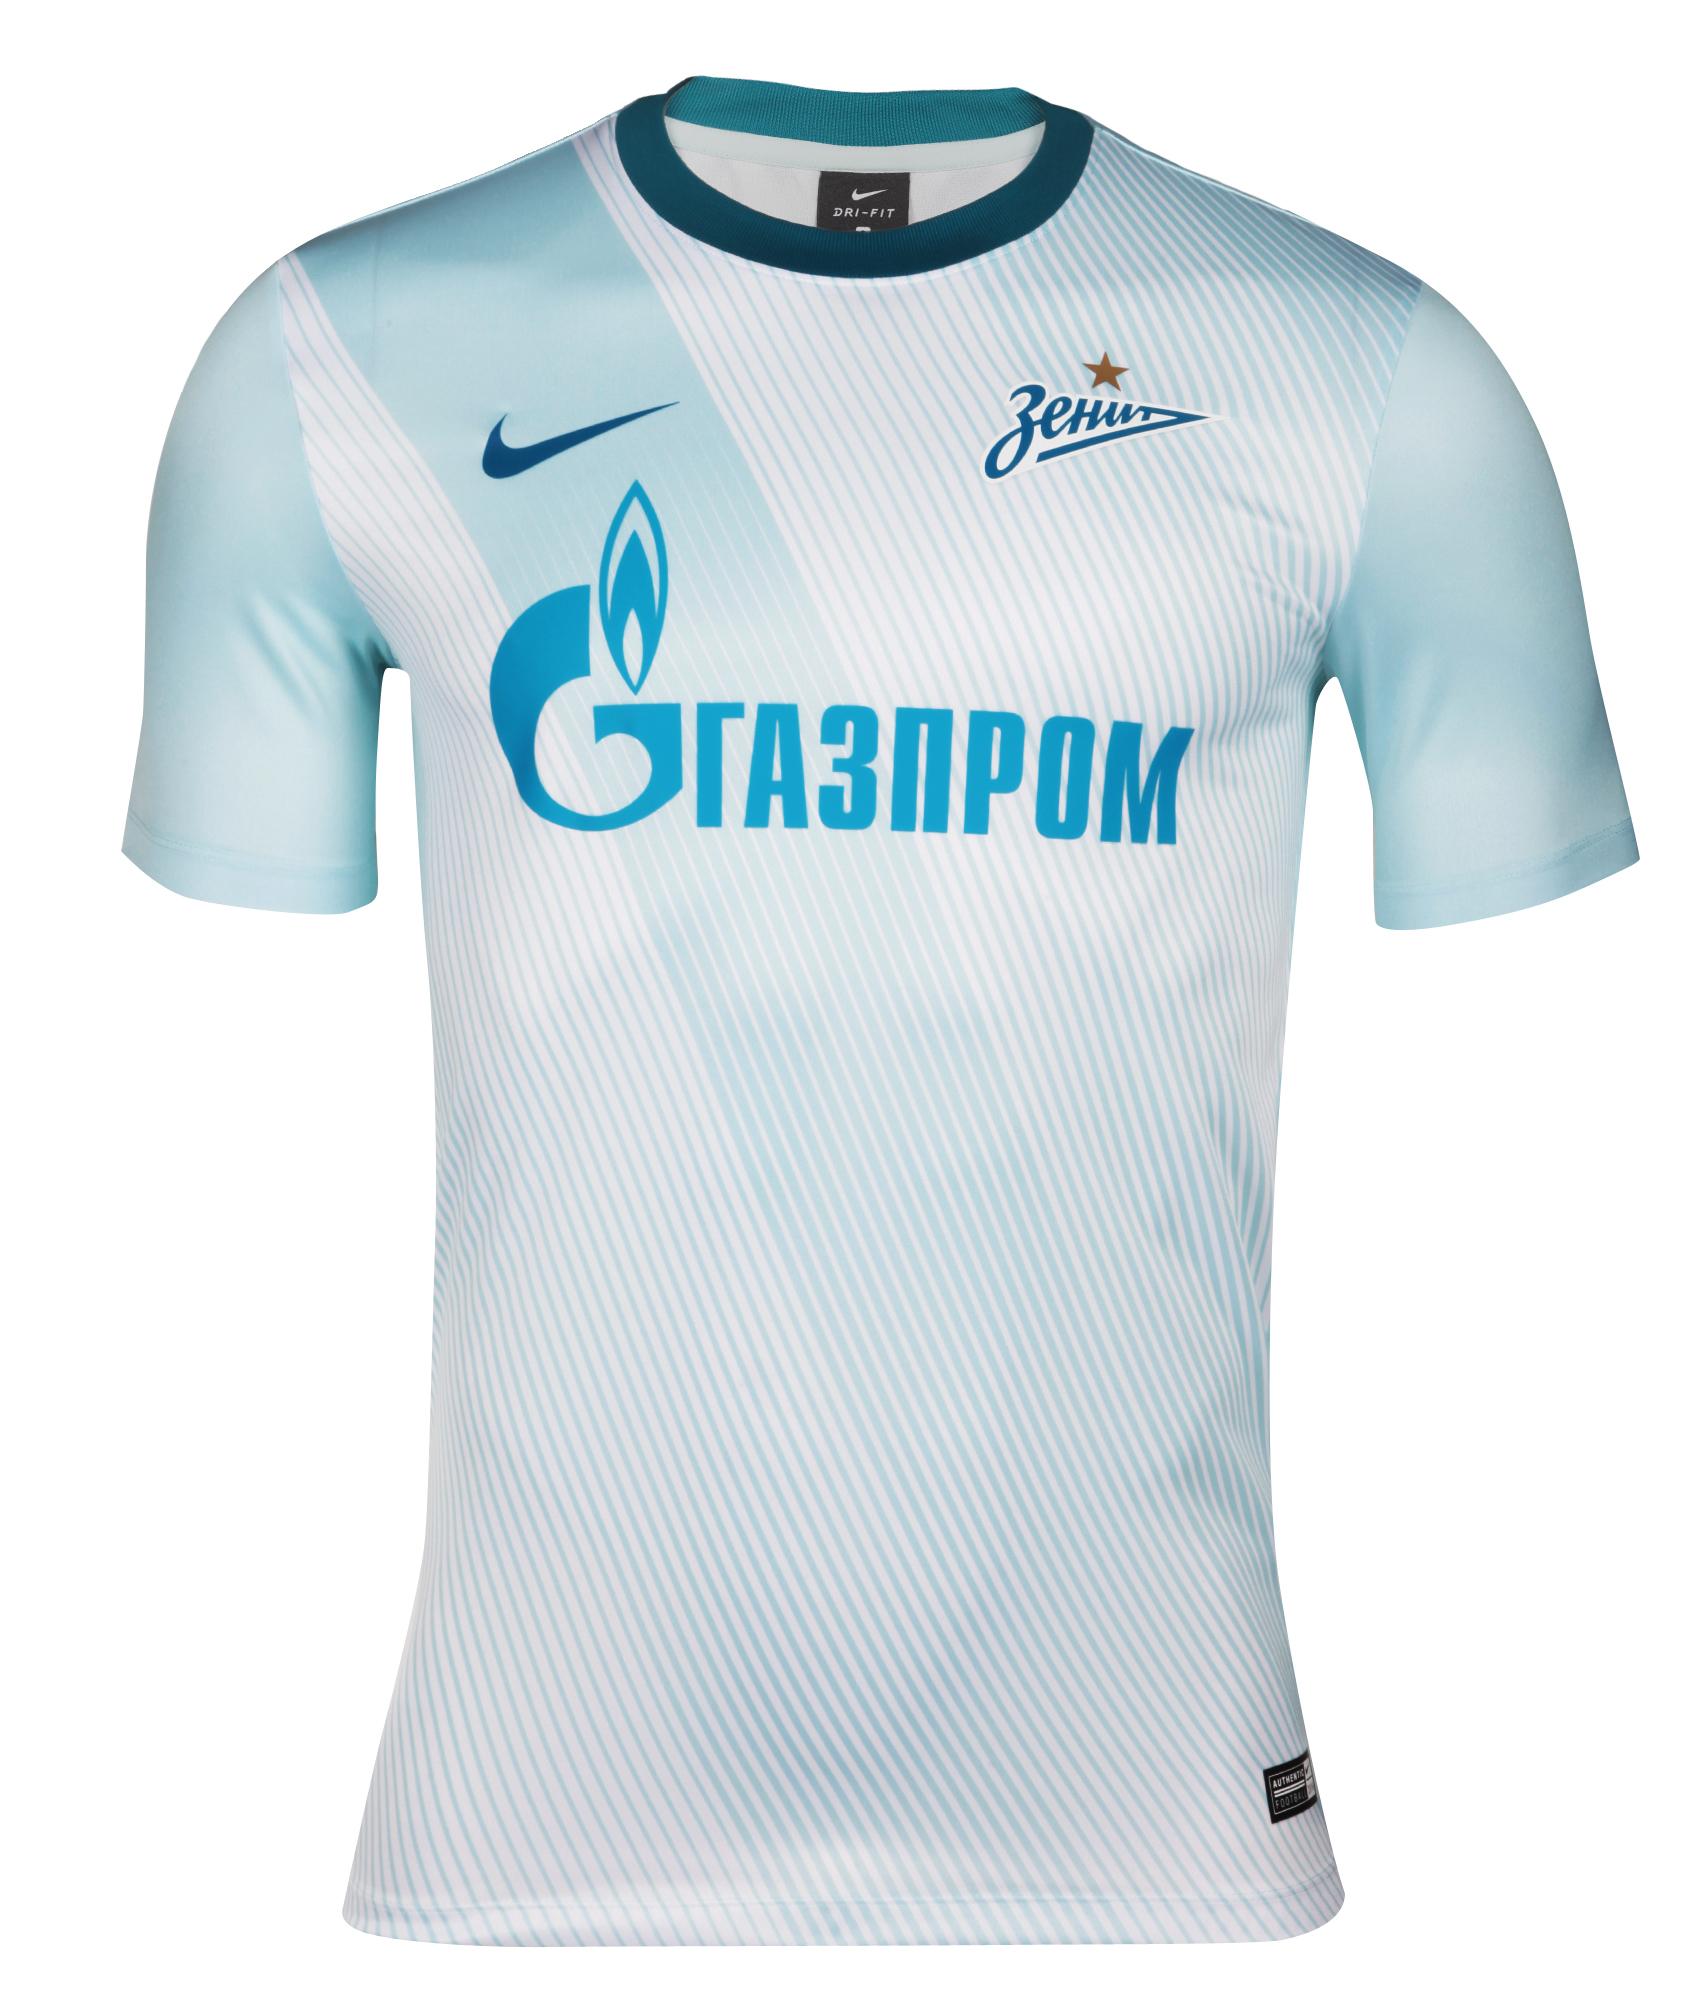 Реплика выездной игровой футболки Nike Nike Цвет-Белый кардиган ёмаё ёмаё em010ebkwp37